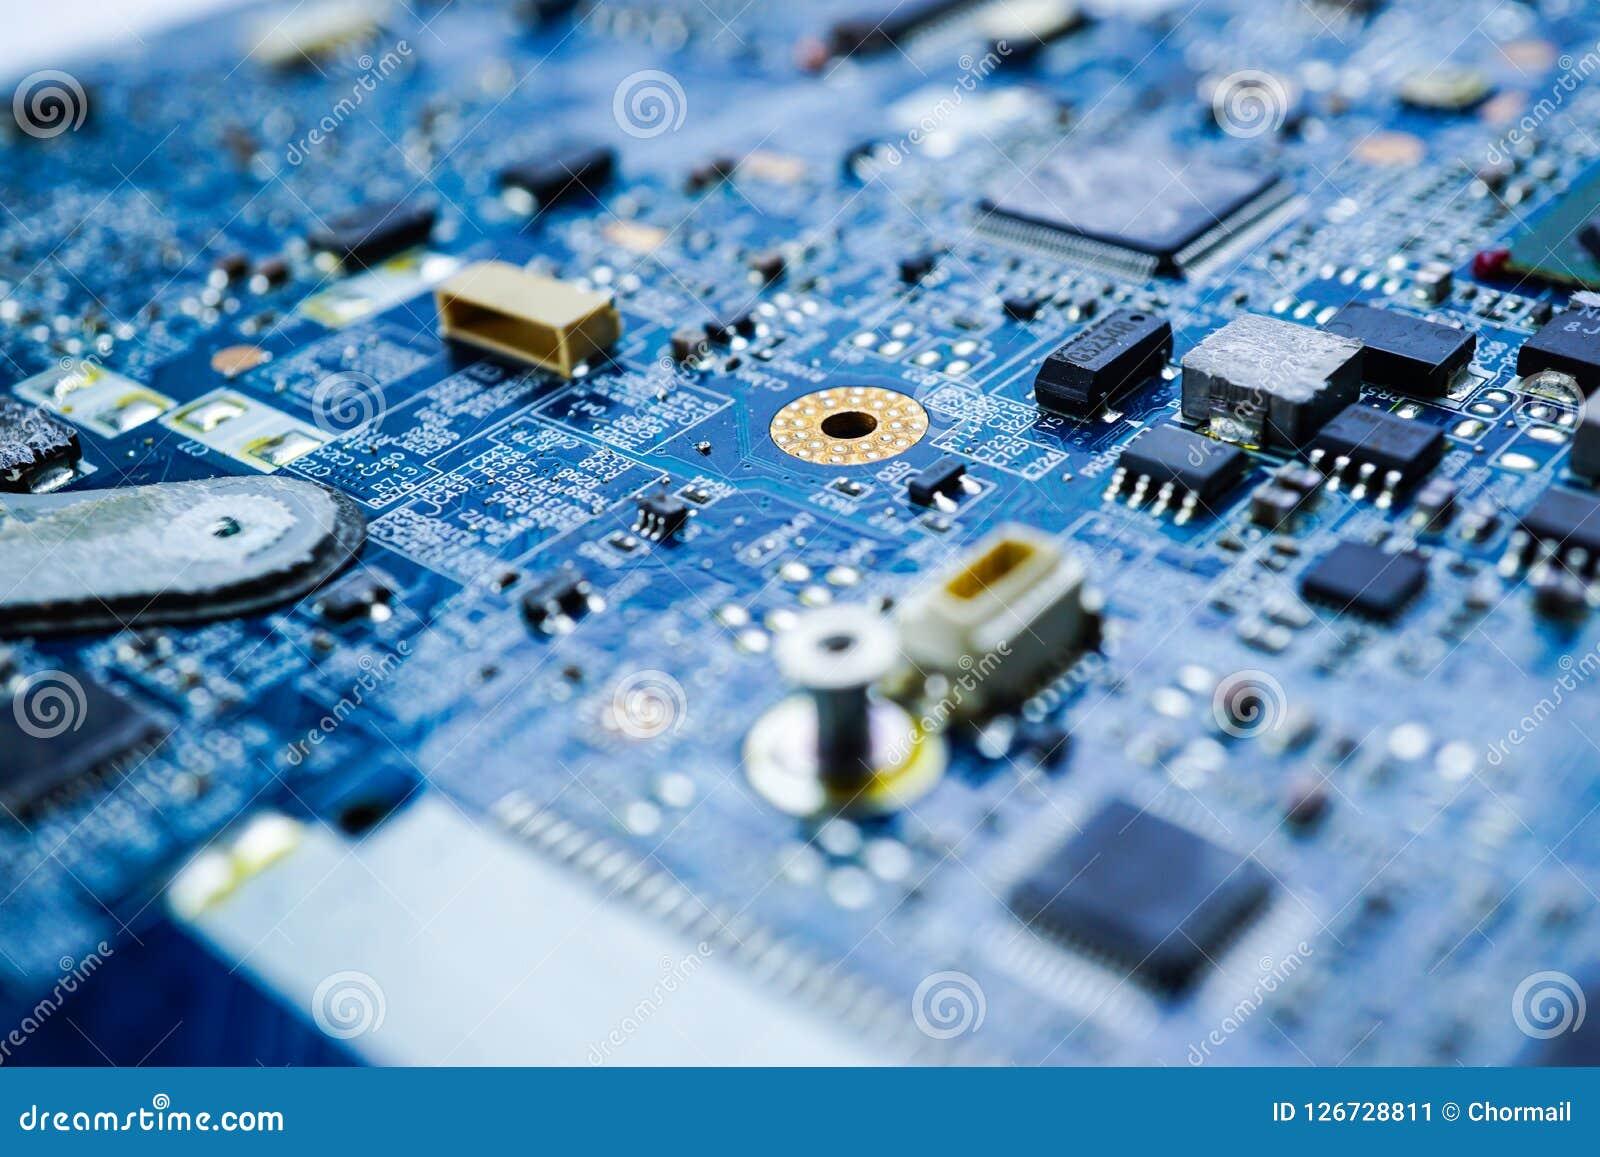 Dispositivo da eletrônica do processador do núcleo do mainboard da microplaqueta do processador central do circuito de computador